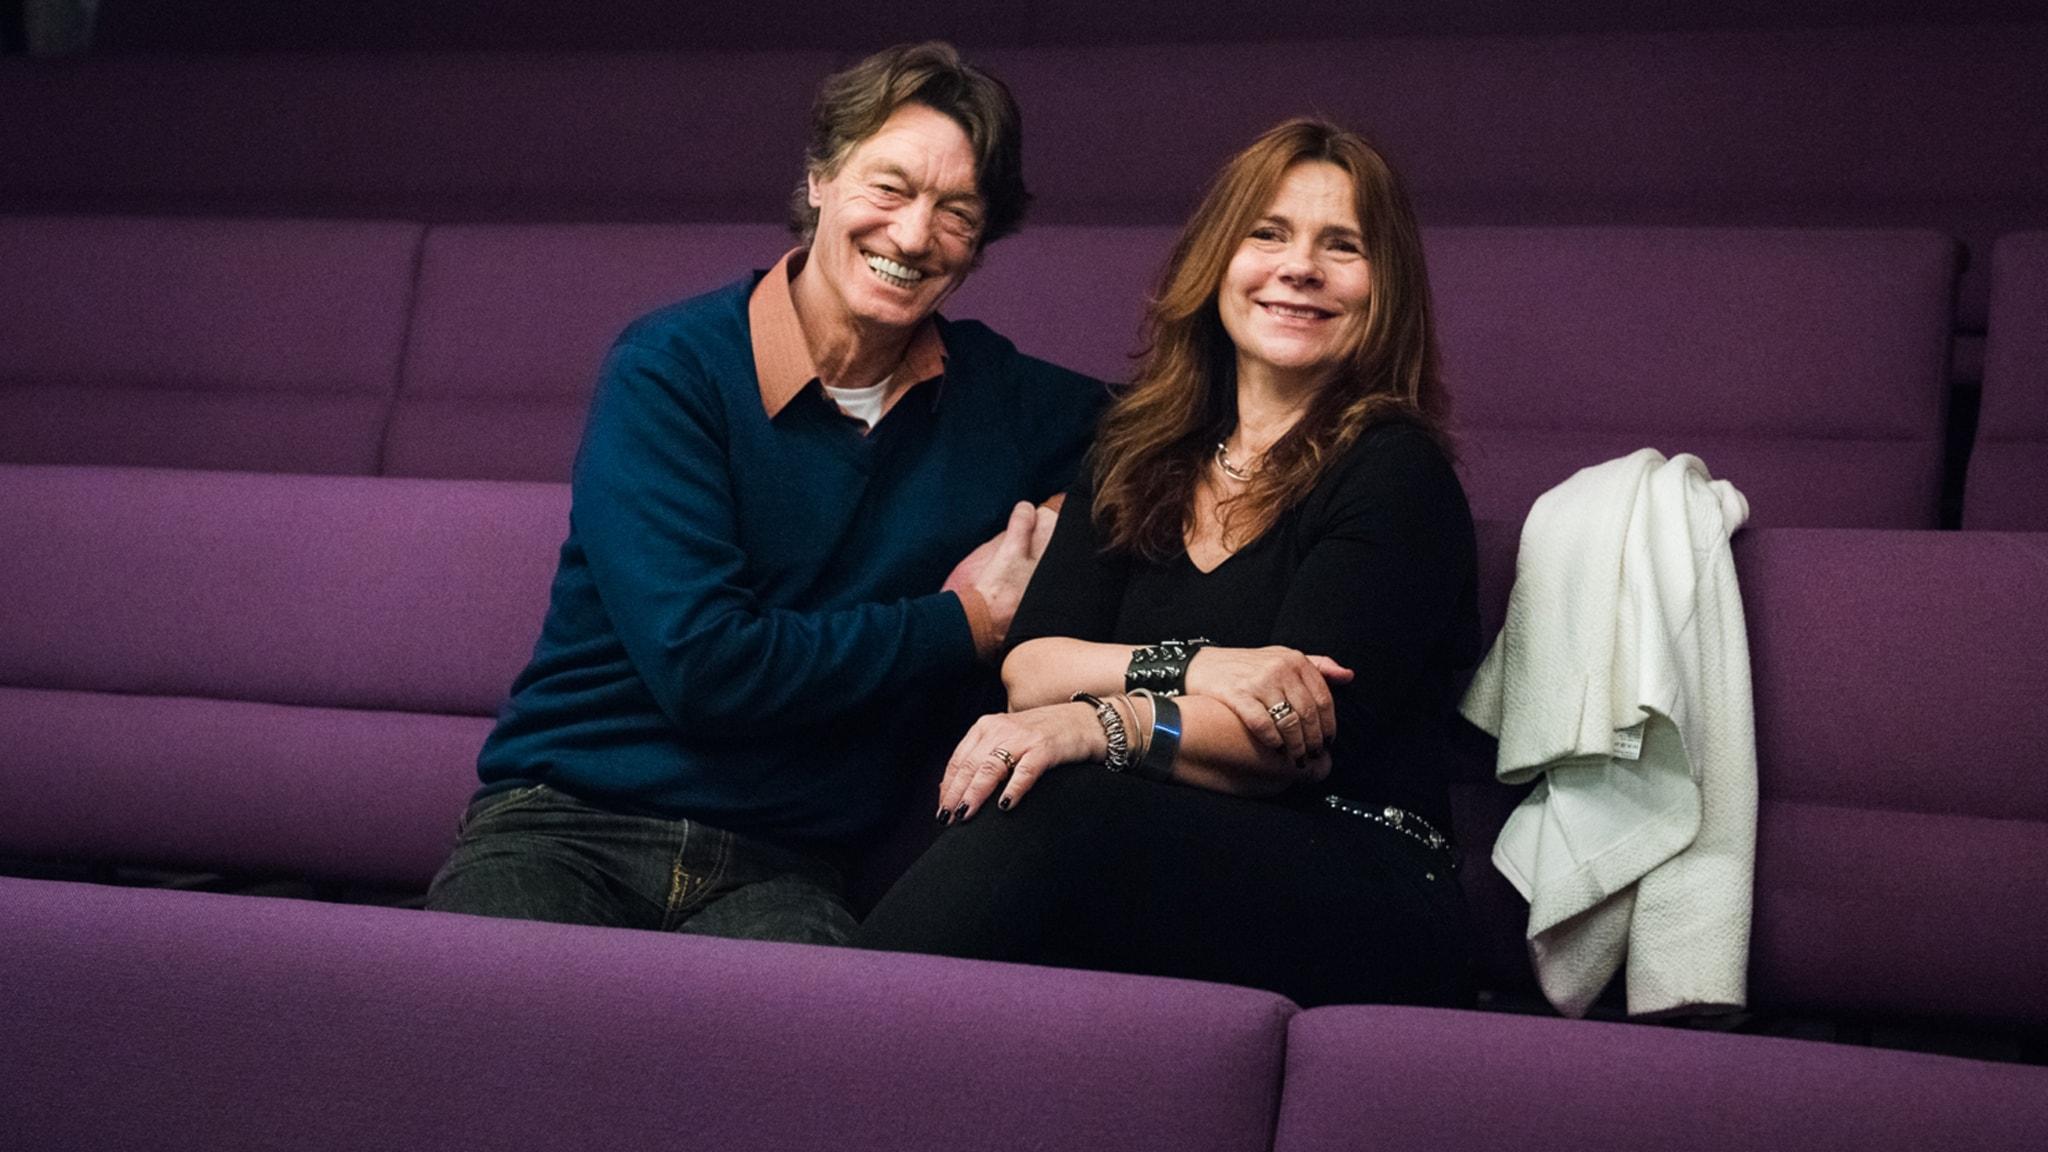 Katarina Hahr möter skådespelaren Johannes Brost i ett samtal om kärlek